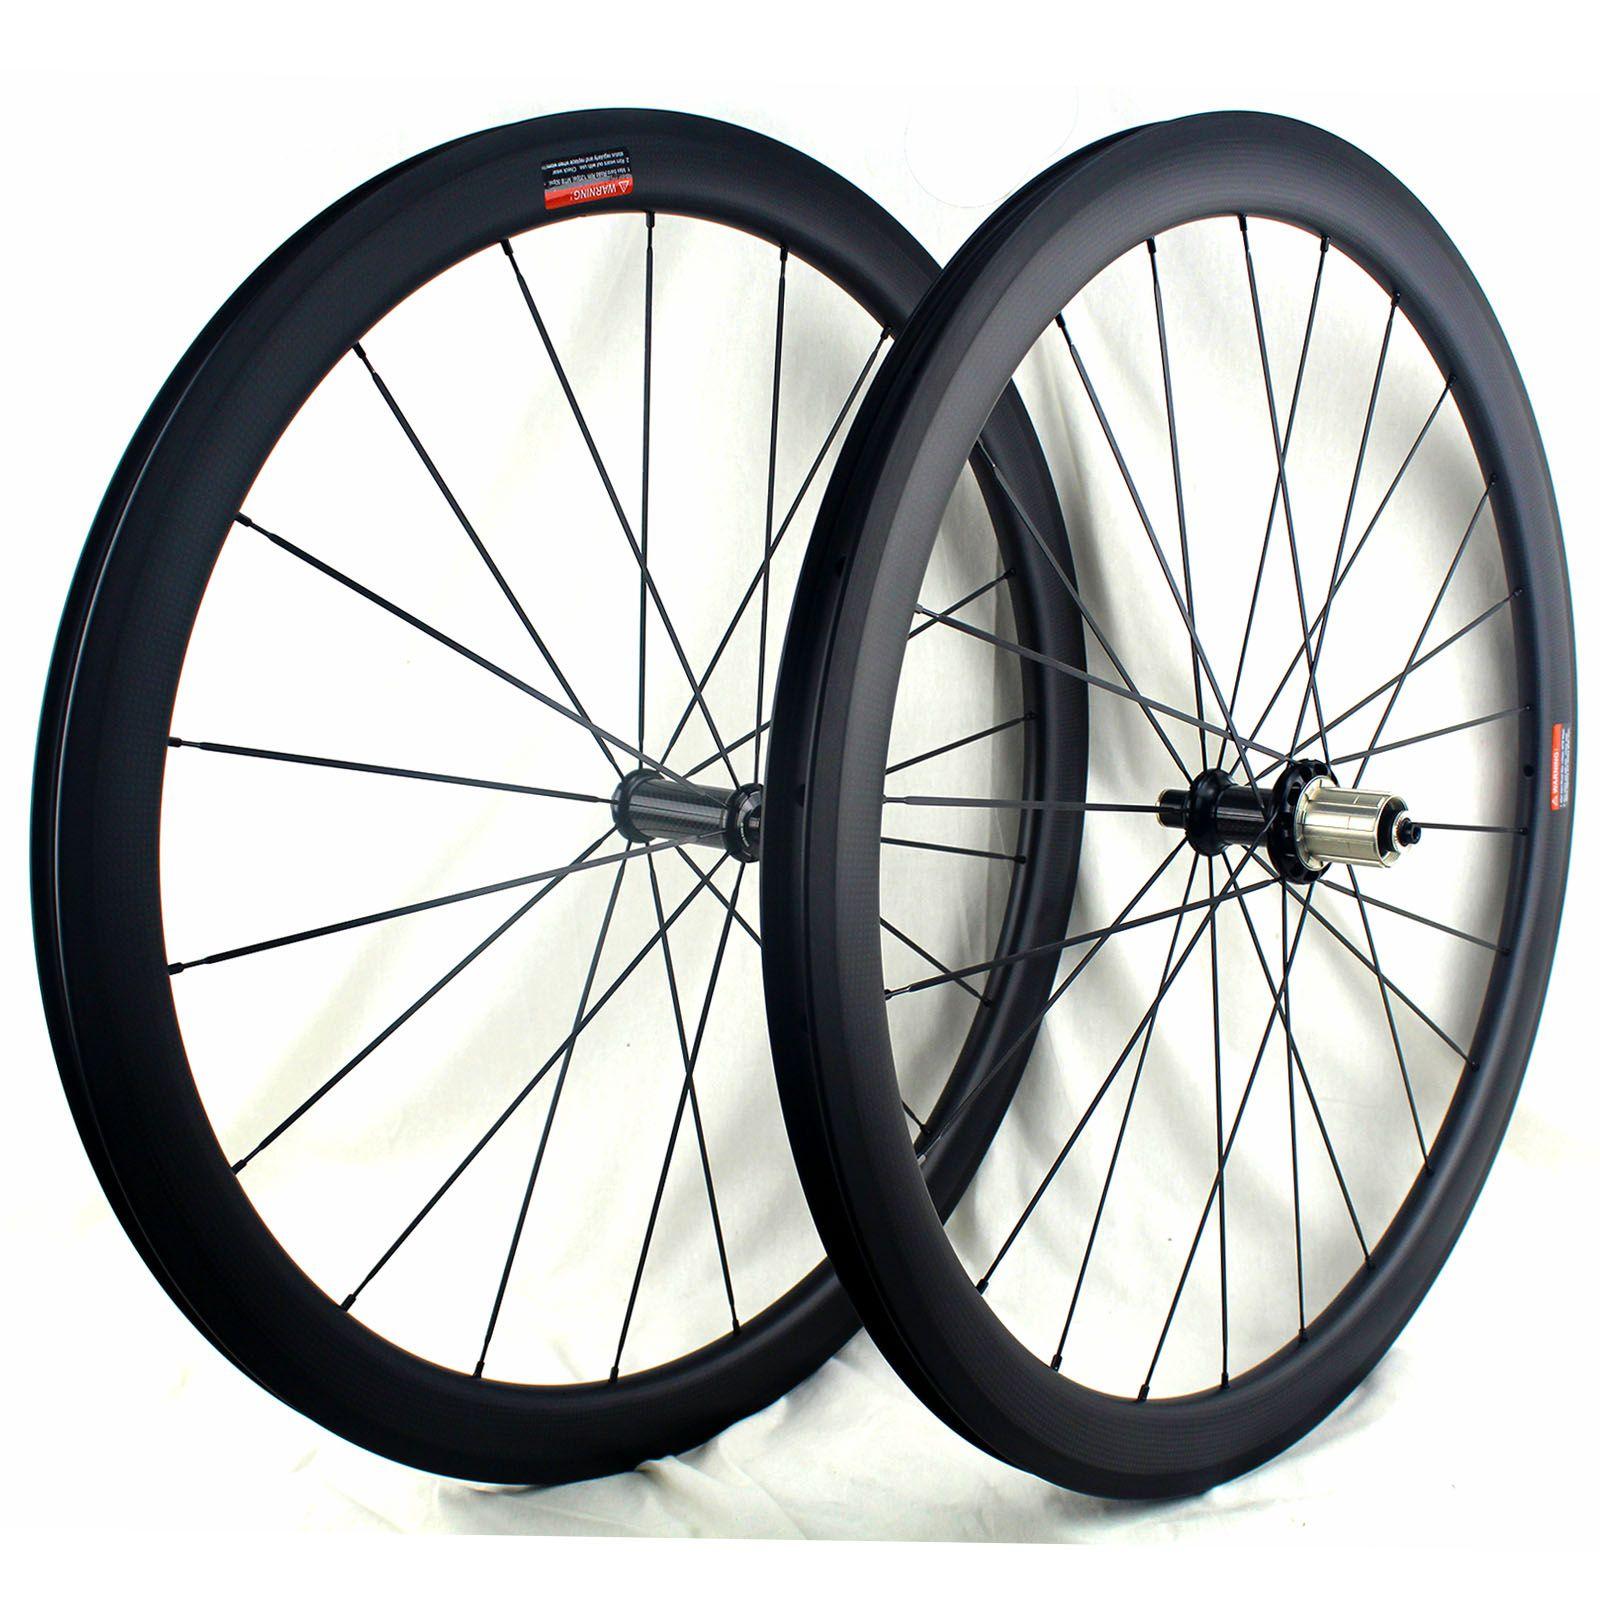 카본로드 휠 (33) 43 55 65mm 클린 700C의 튜브가 준비 탄소 자전거 바퀴 3K 매트 Powerway R36 허브